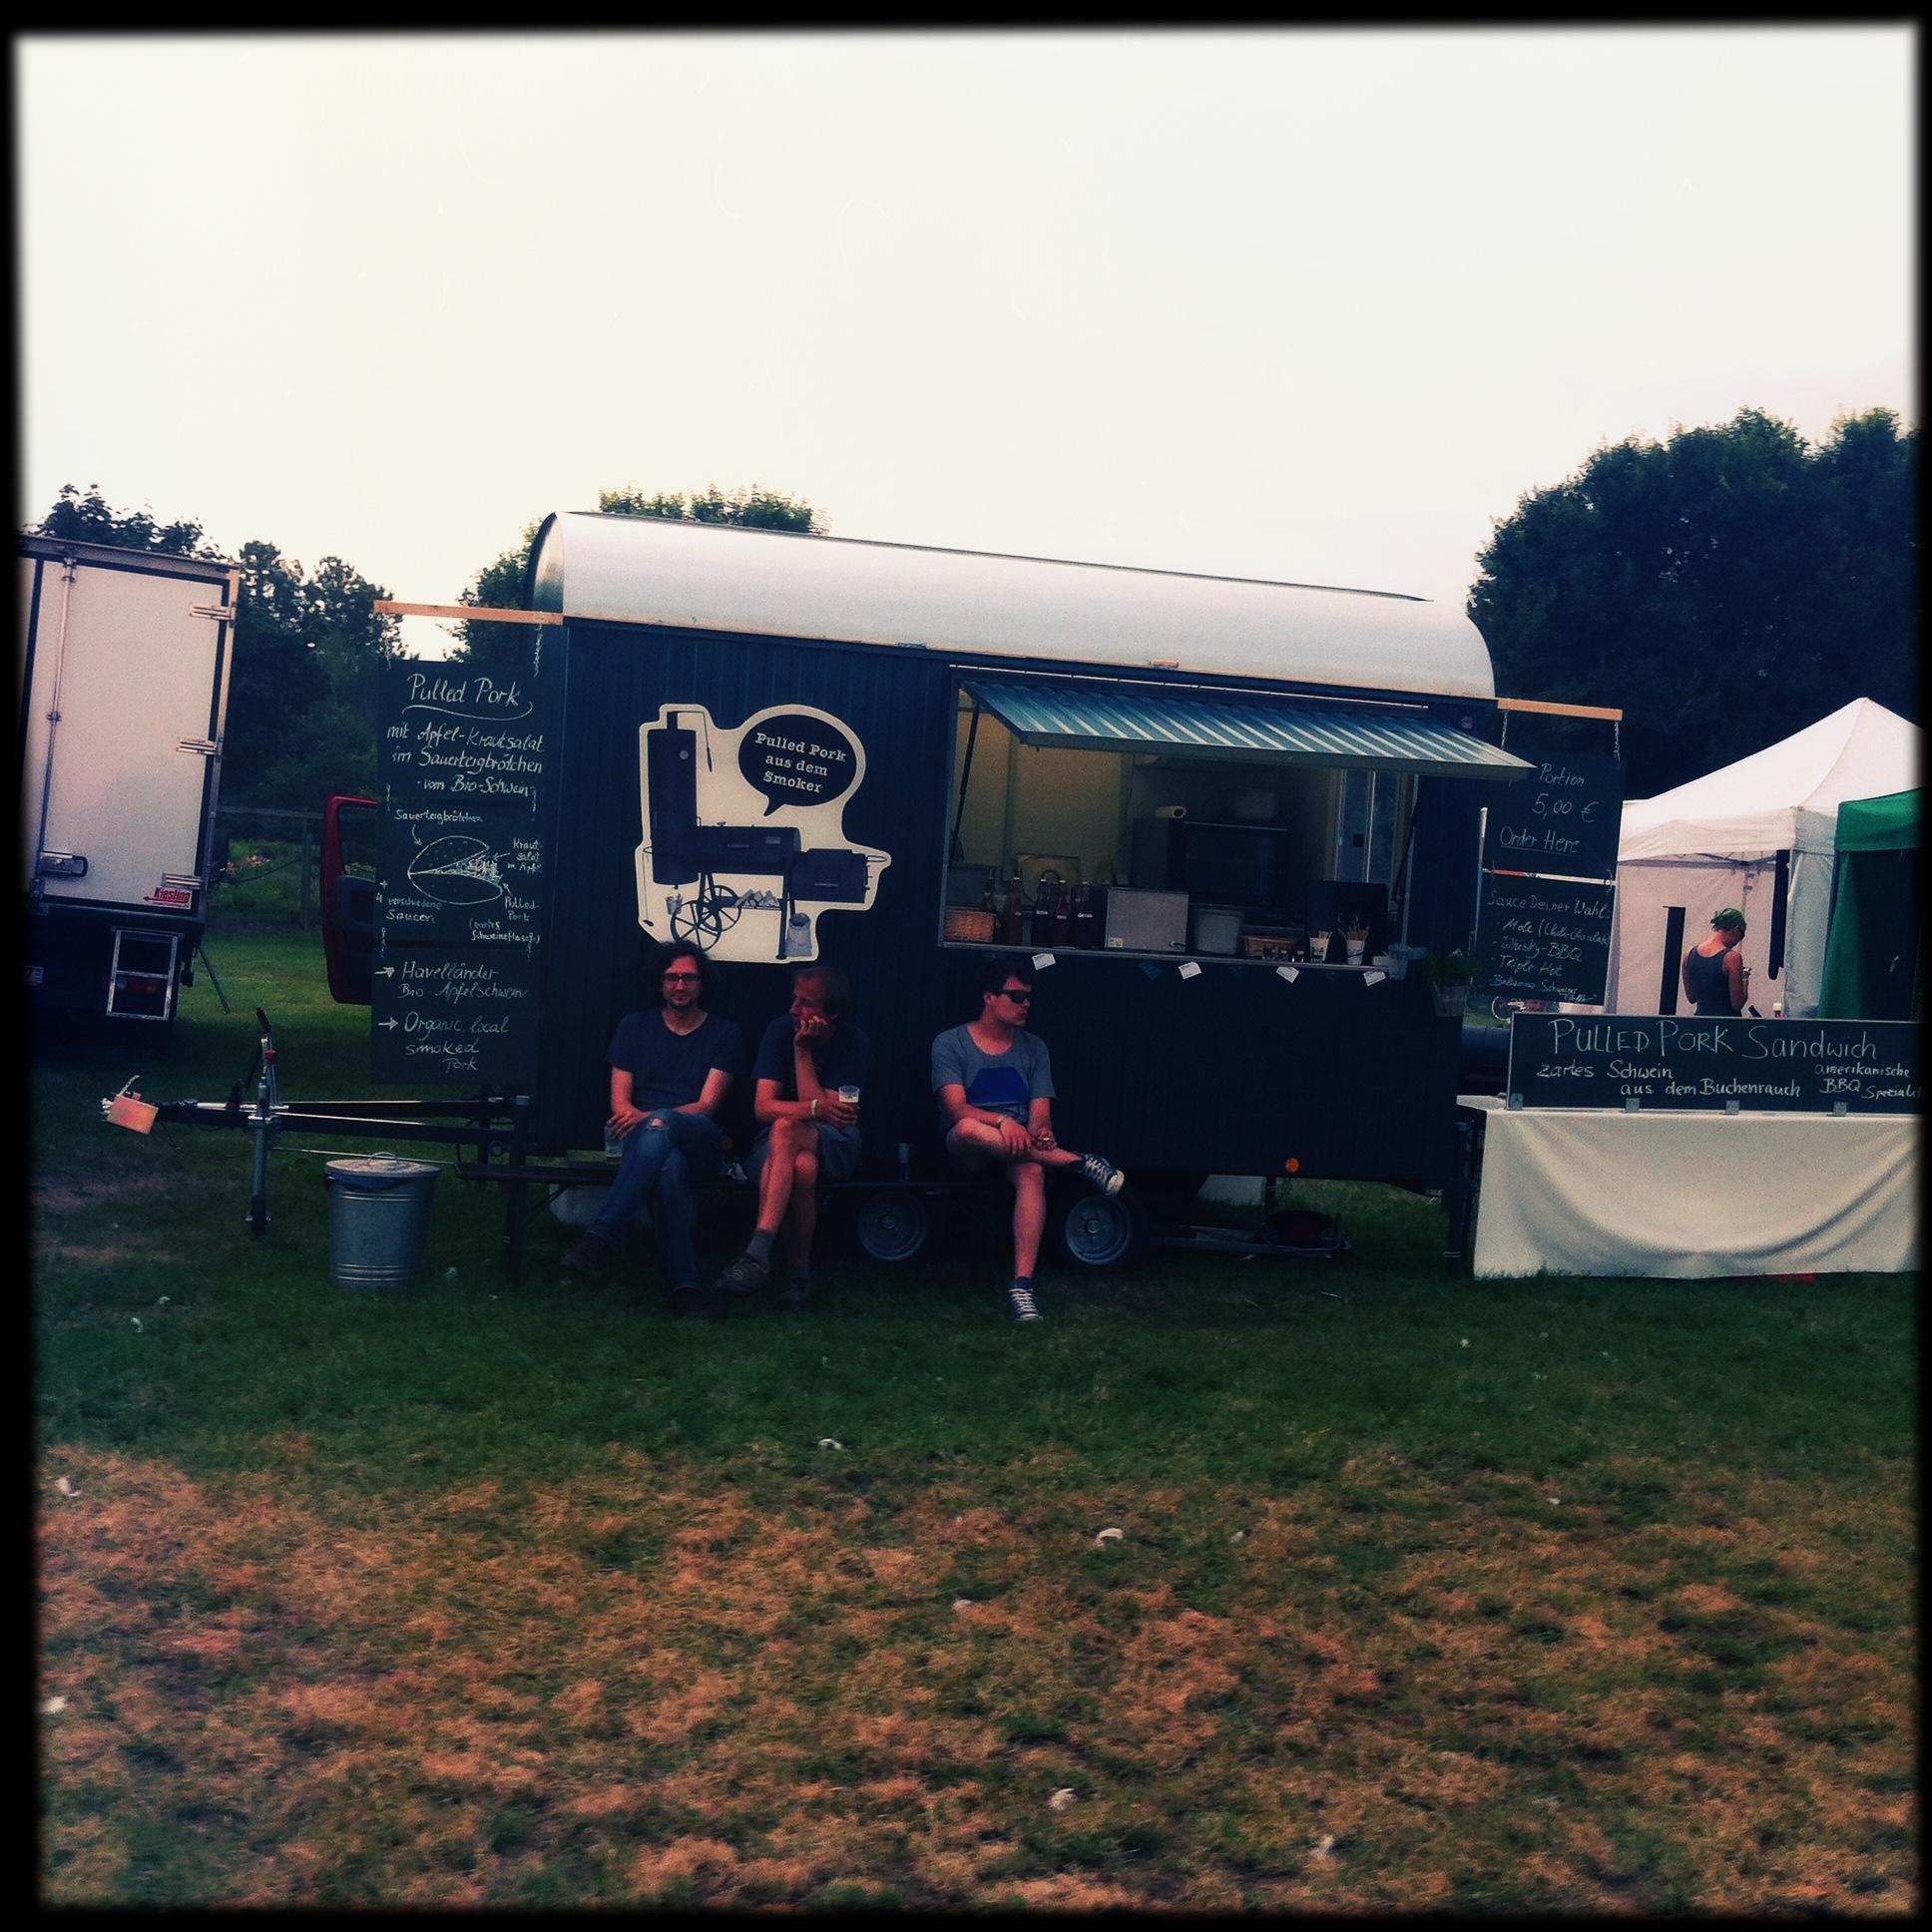 Brandenburg Paaren im Glien Greenville Festival - Die Drei